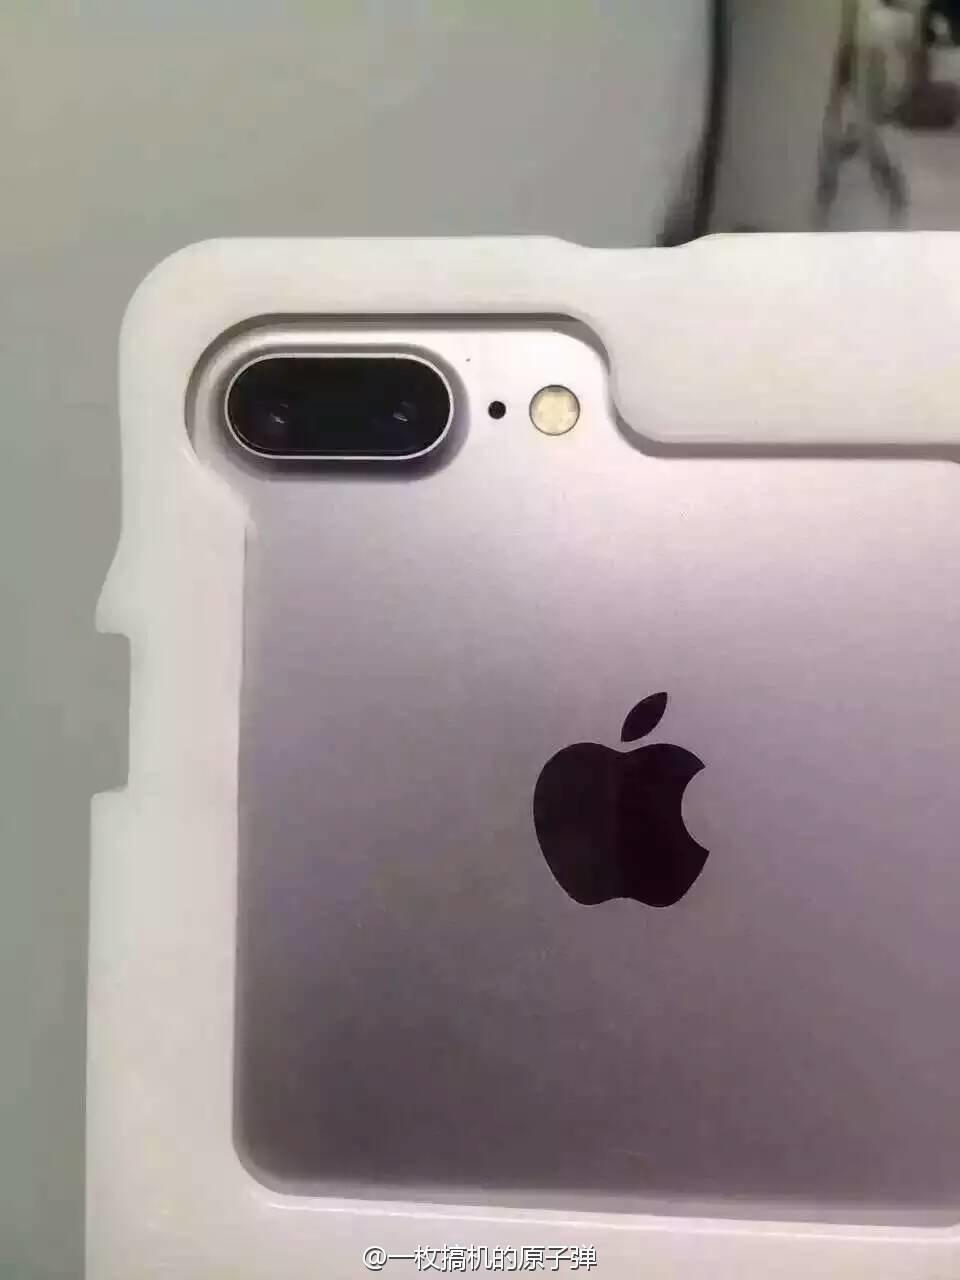 iPhone 7: Neue Fotos der Rückseite aus der Fabrik